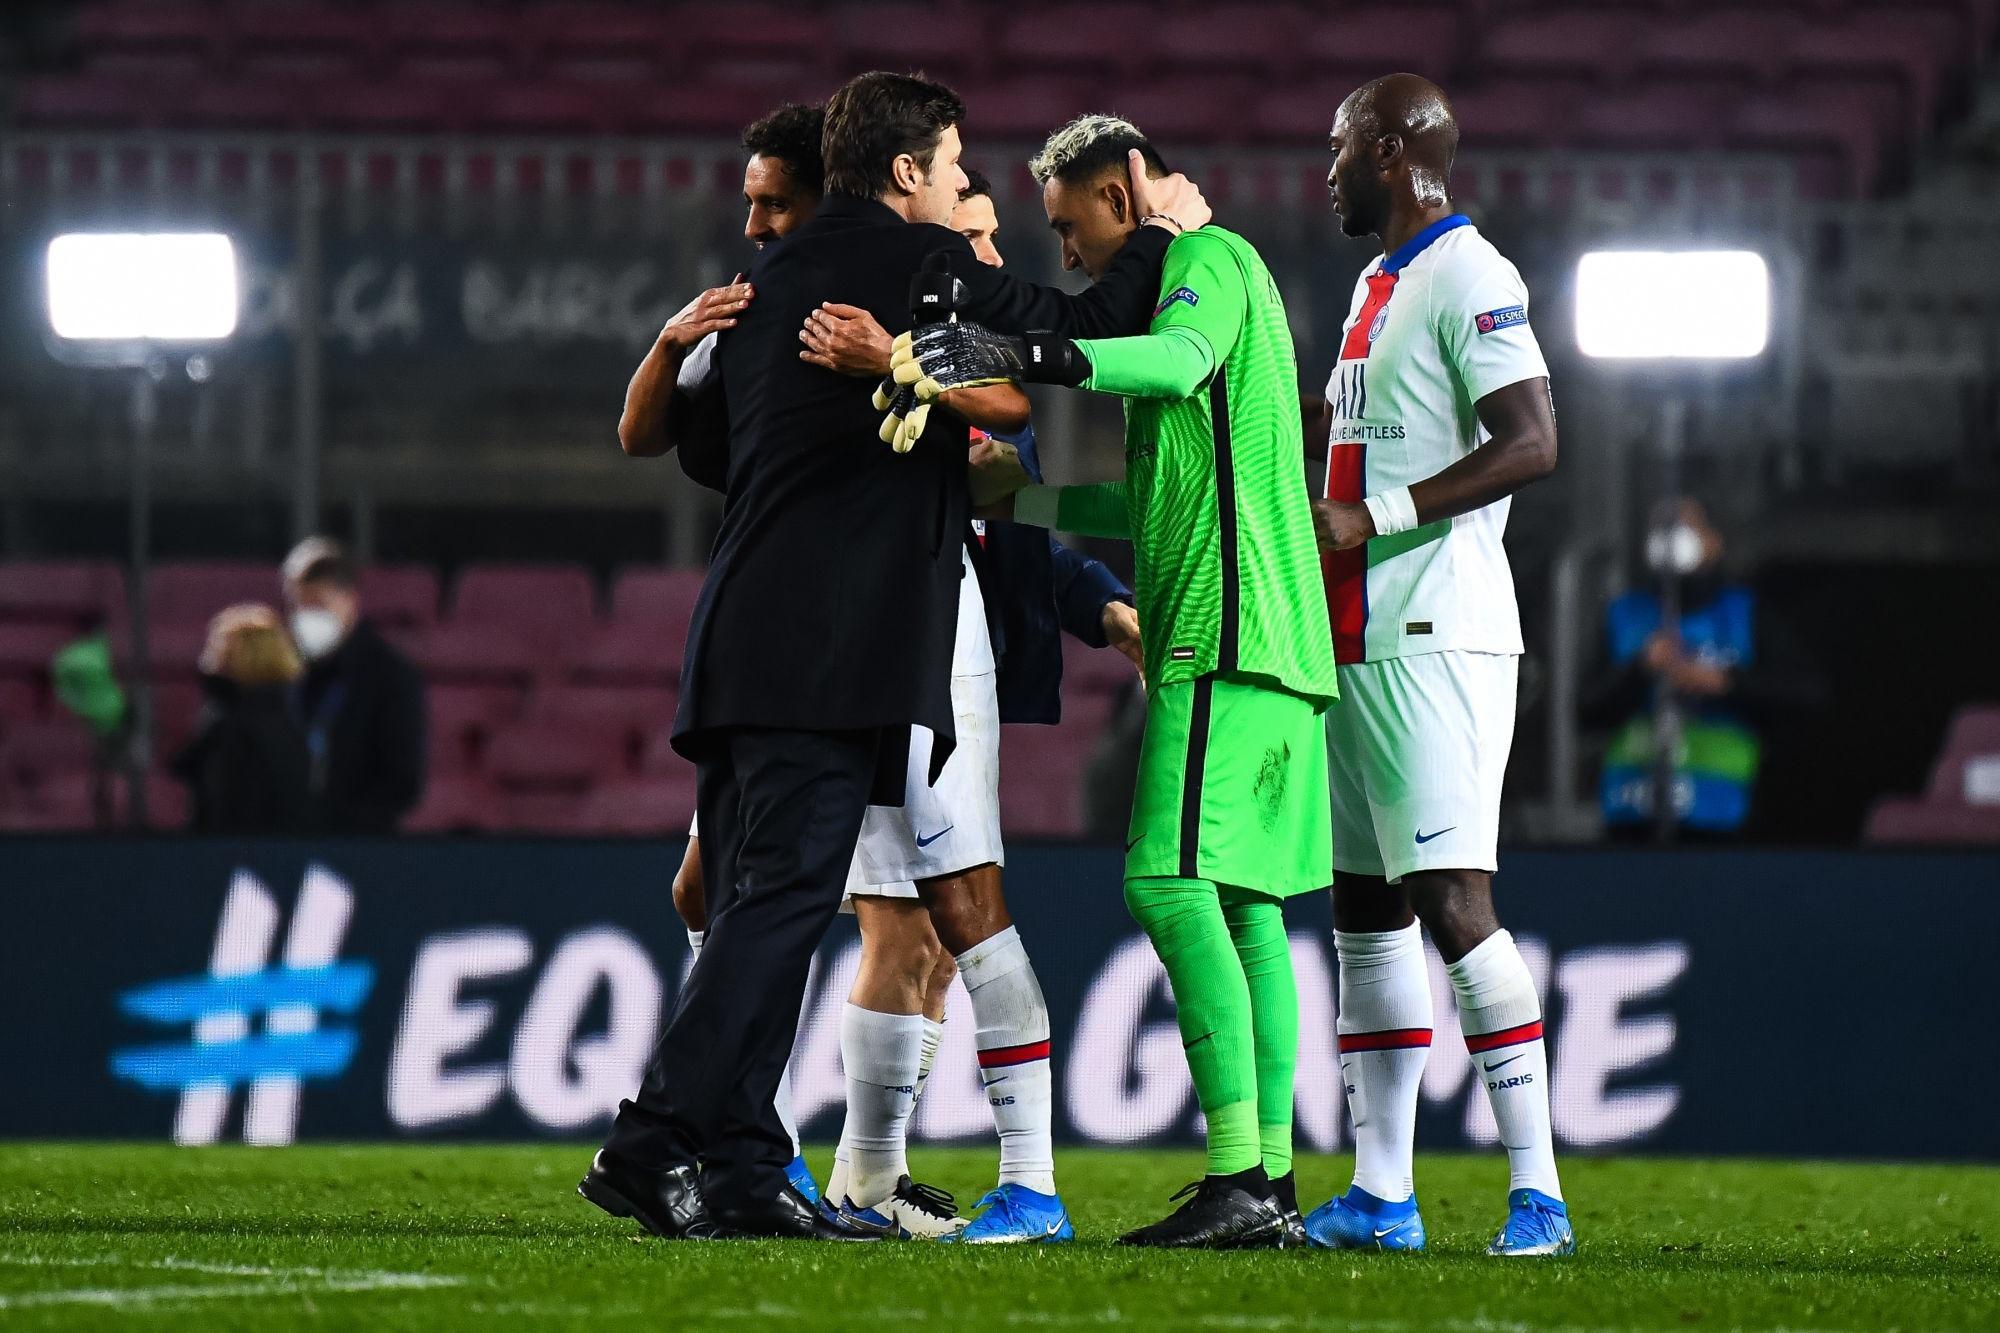 Barcelone/PSG - Pochettino appelle au calme, fait l'éloge de Mbappé et parle des émotions